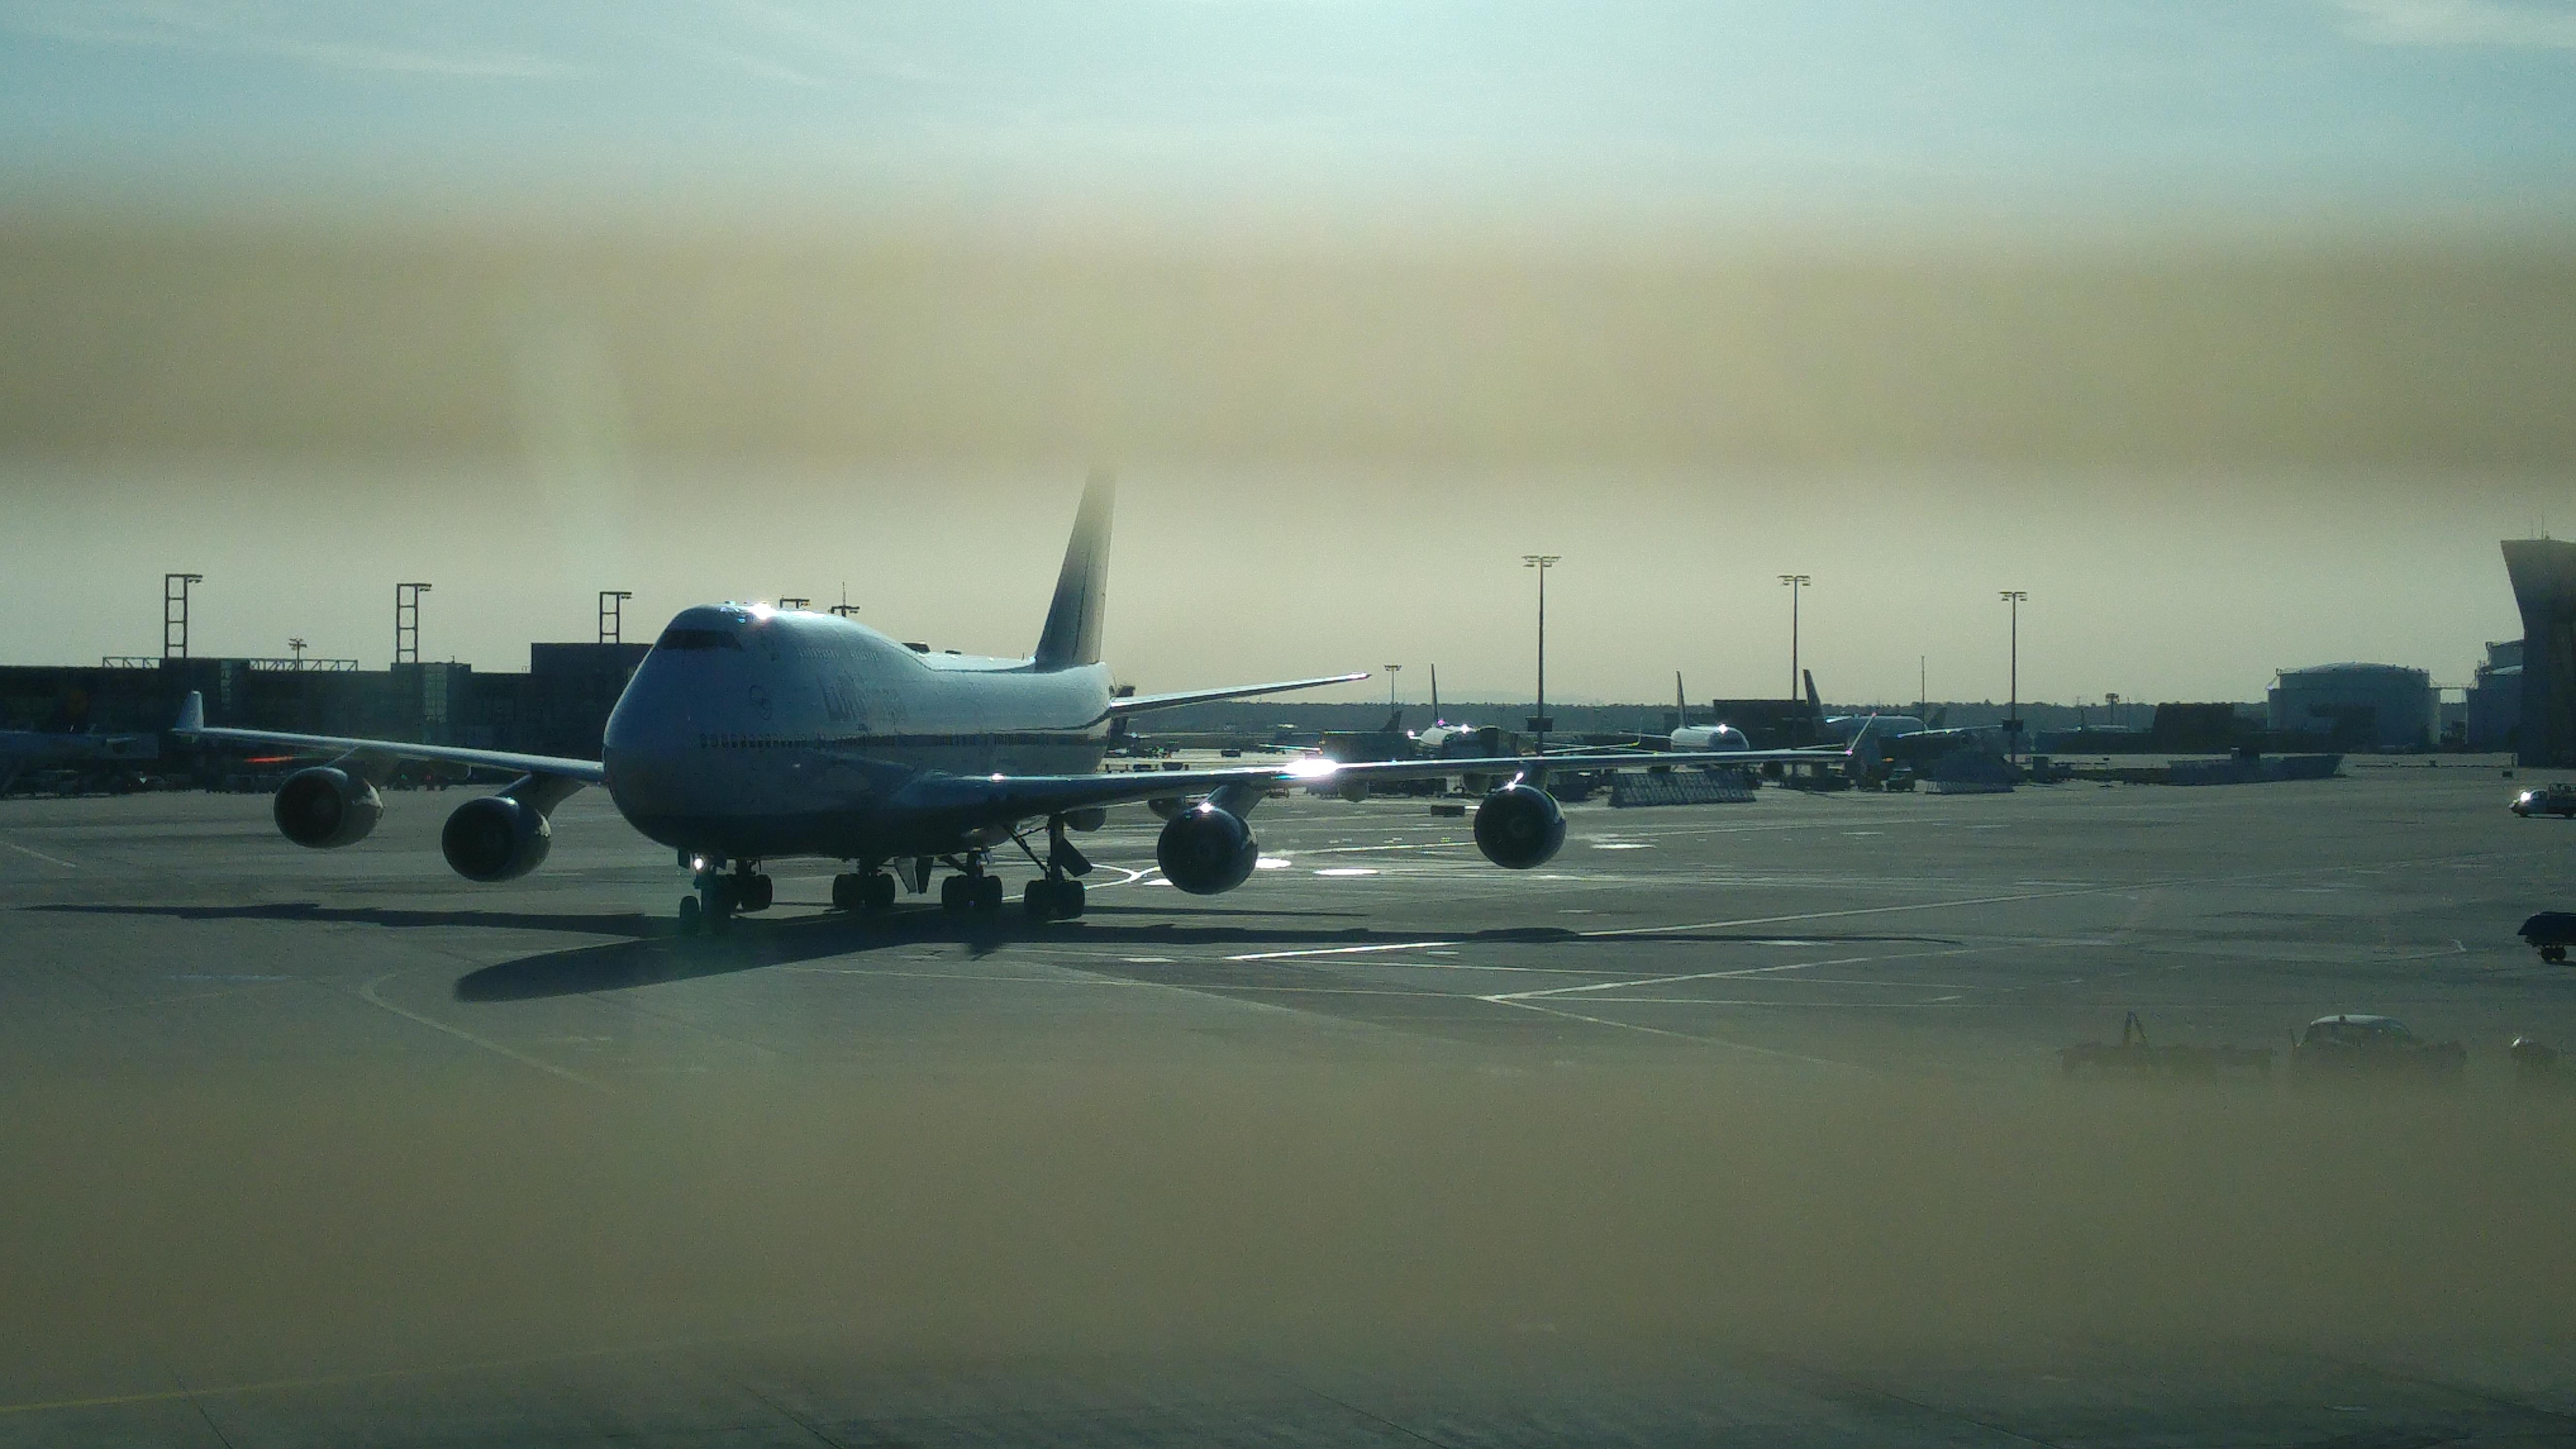 Nach airberlin-Insolvenz: Im ersten Jumbo nach Berlin - Marcus Pfeiffer